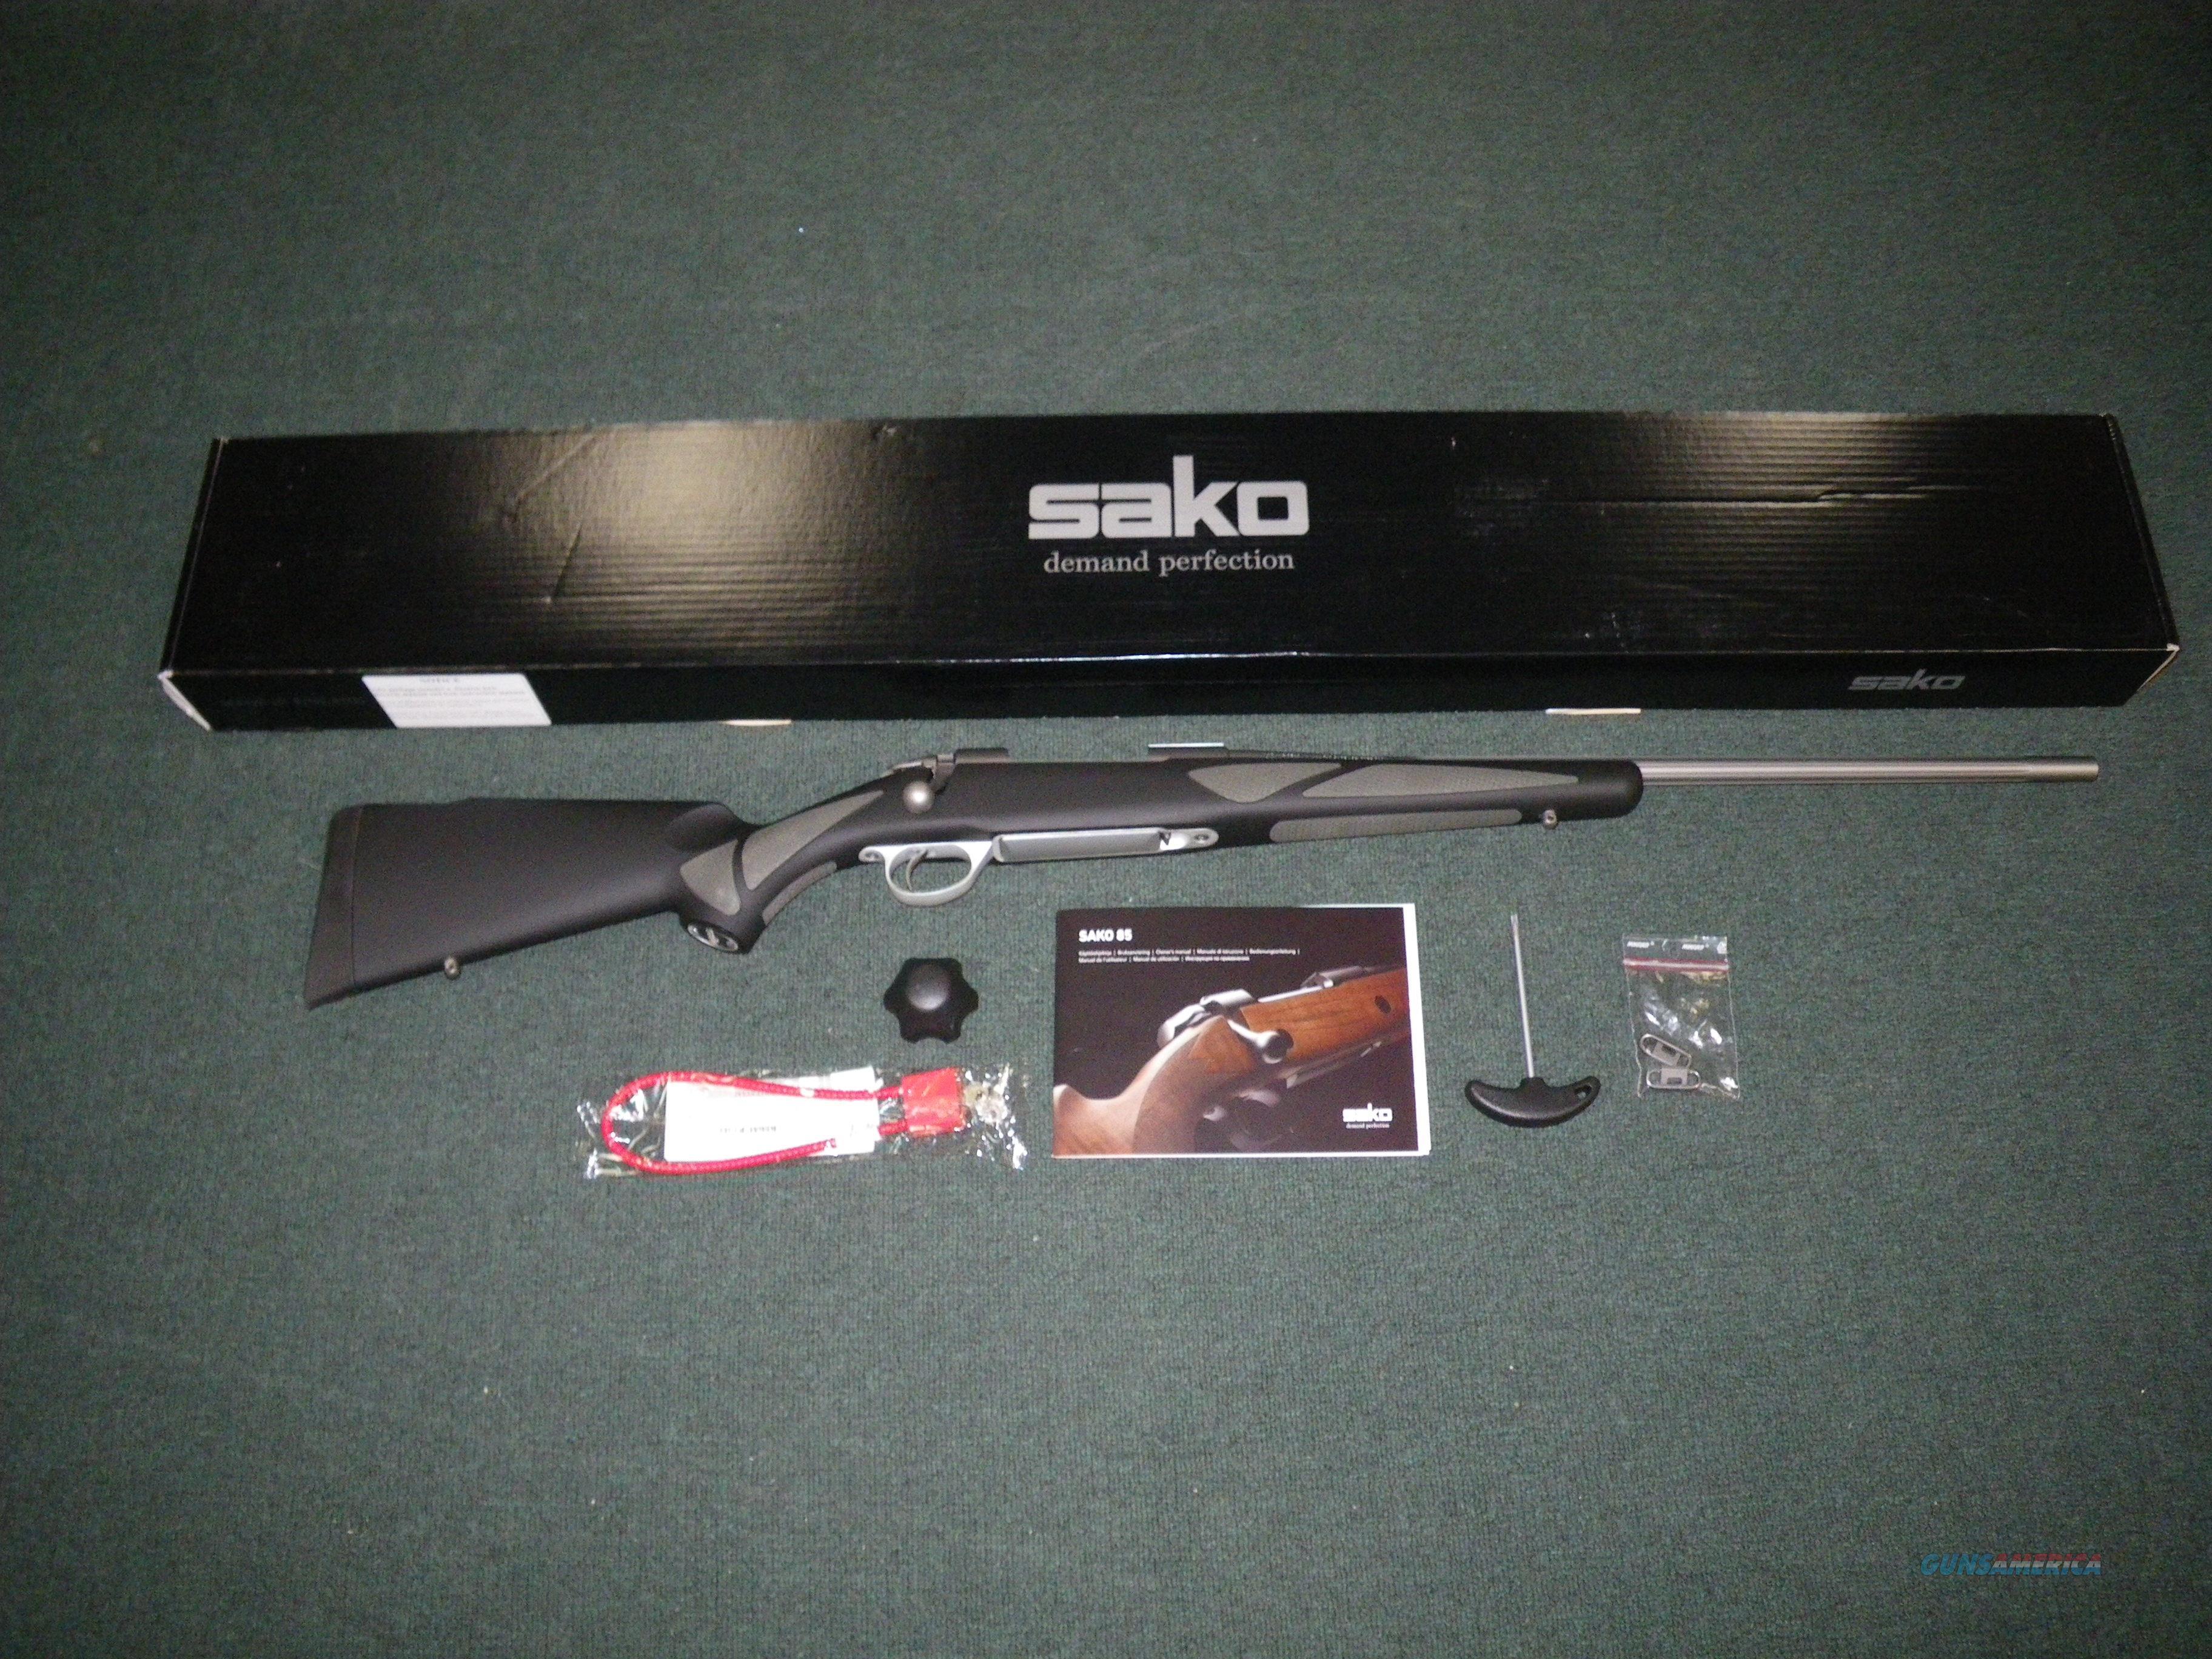 """Sako 85 Finnlight 308win 20"""" NIB Fluted Barrel #JRSFL16  Guns > Rifles > Sako Rifles > M85 Series"""